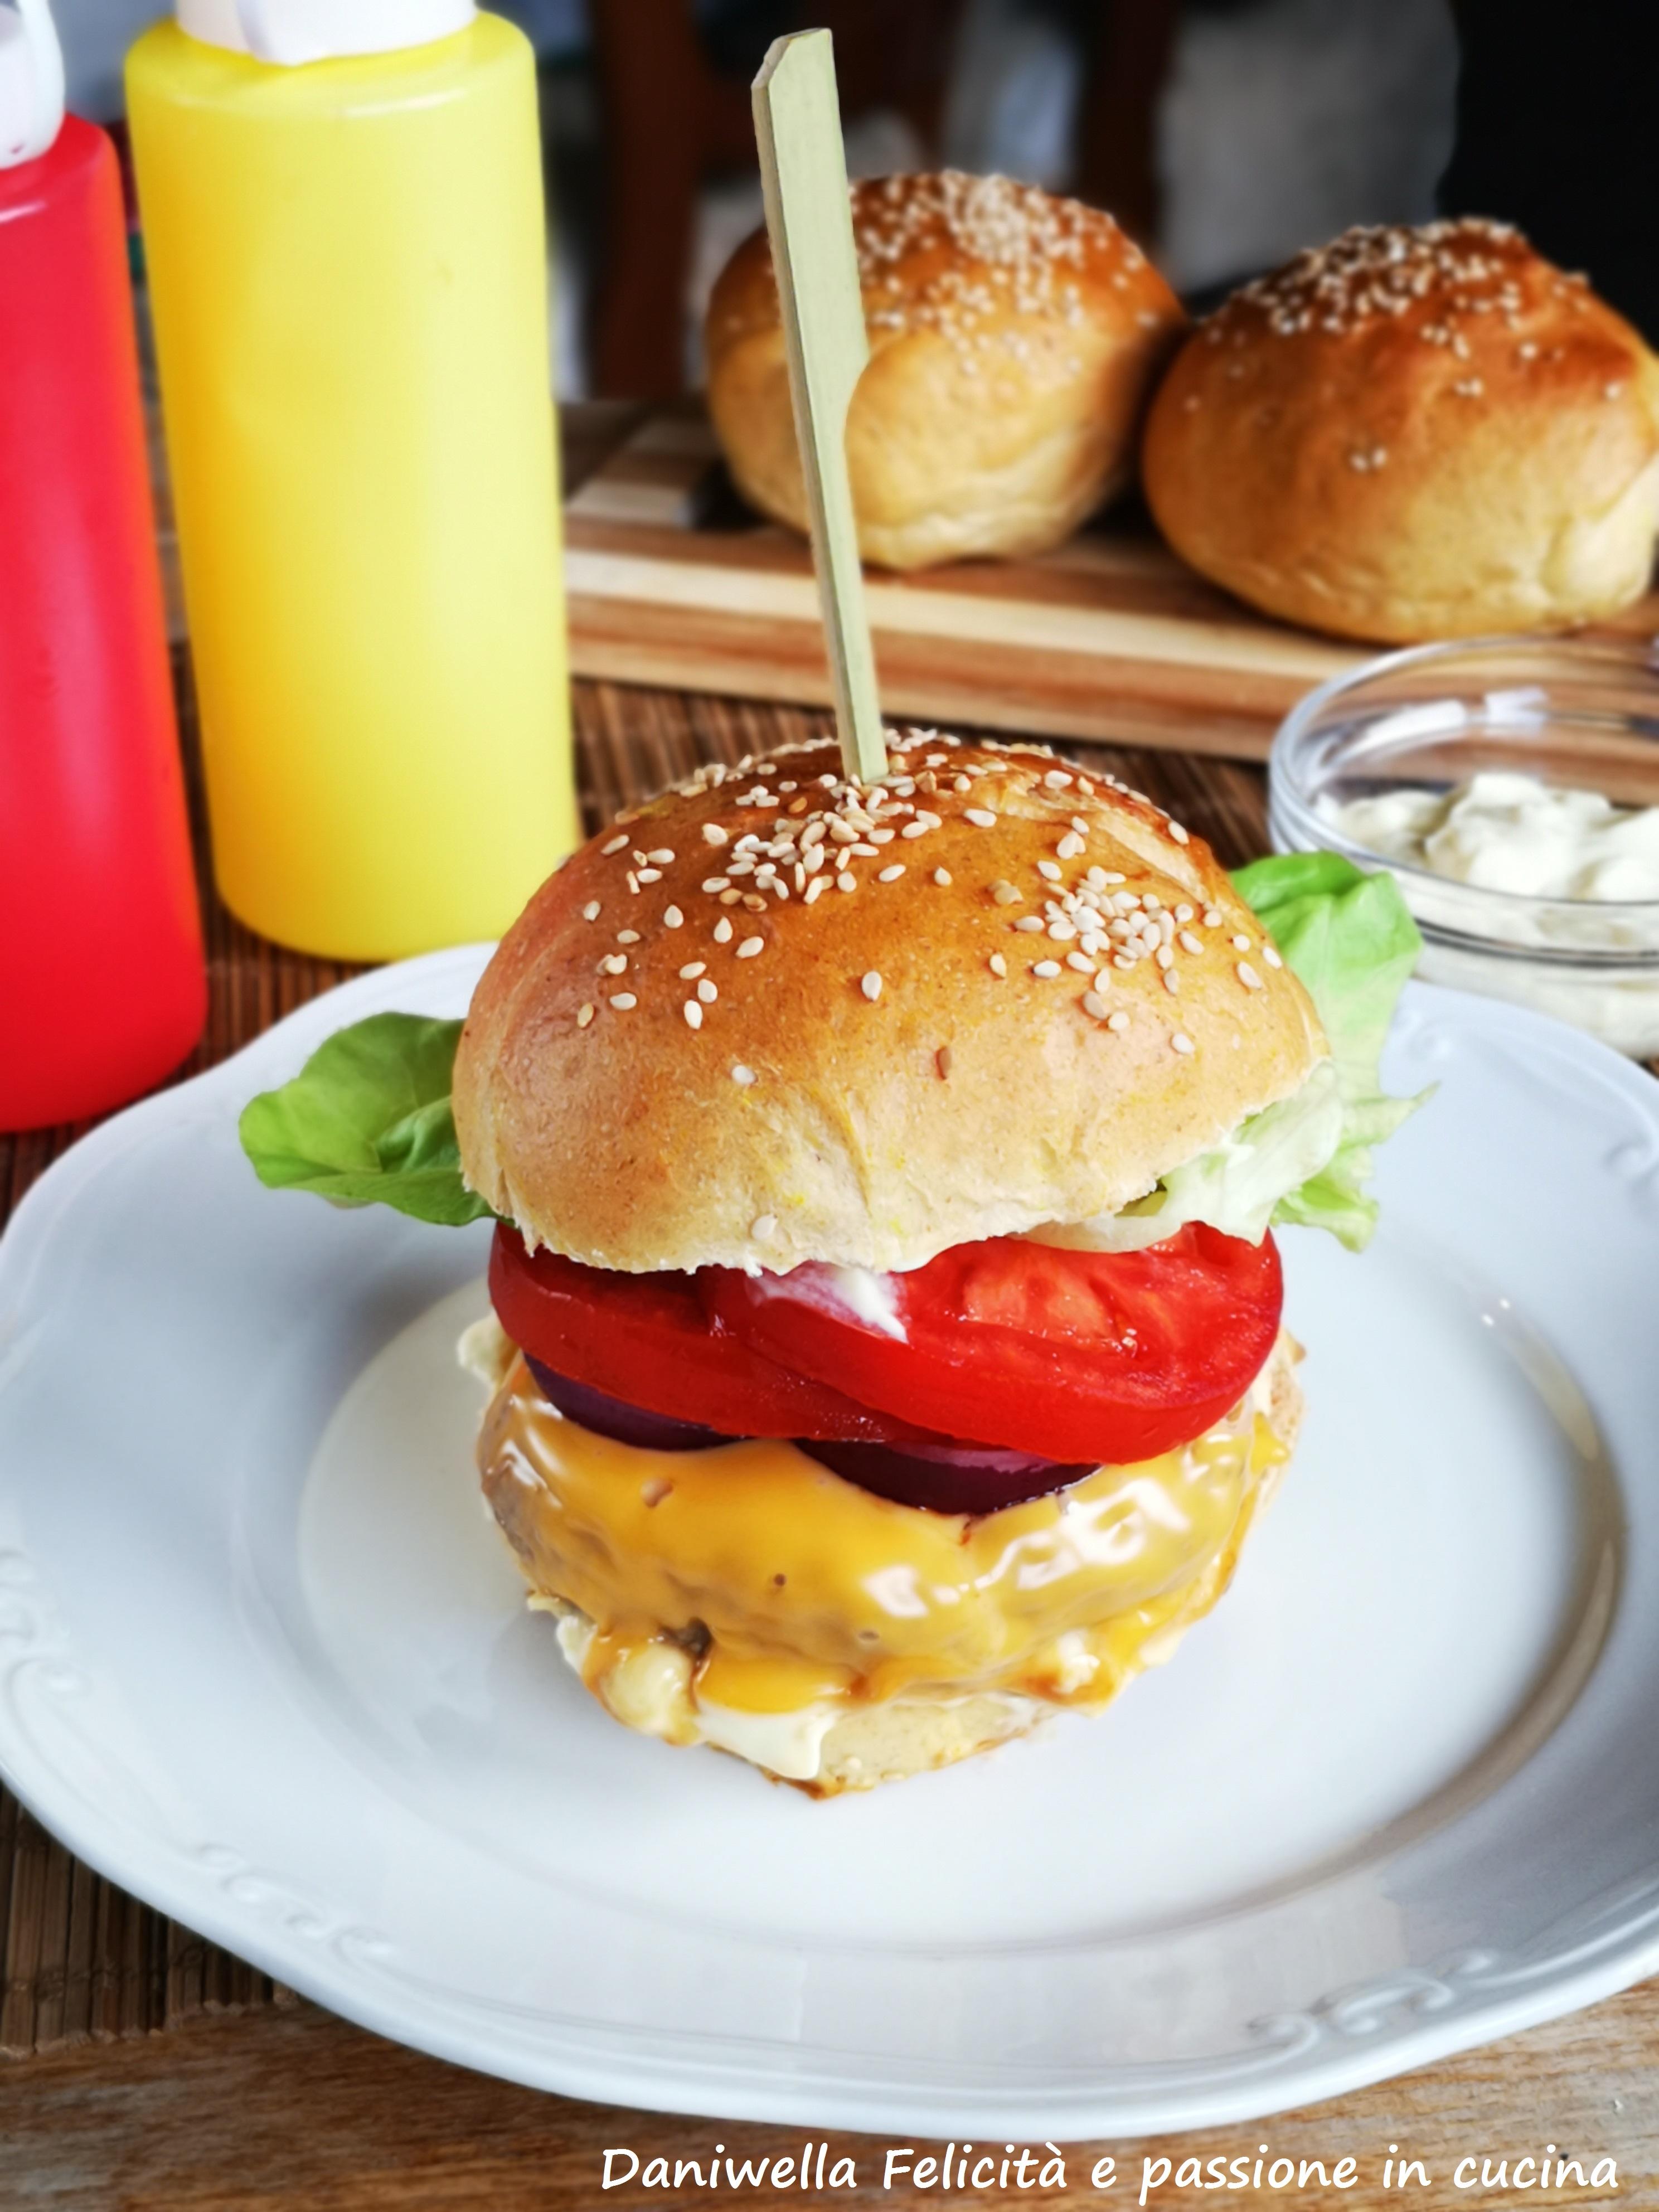 Spalmate sulla corona del pane e sulla base la maionese. Componete il vostro cheeseburger. Partendo dal basso – pane – maionese – hamburger – fettina di formaggio cheddar – cipolla rossa – pomodoro – maionese – pane.